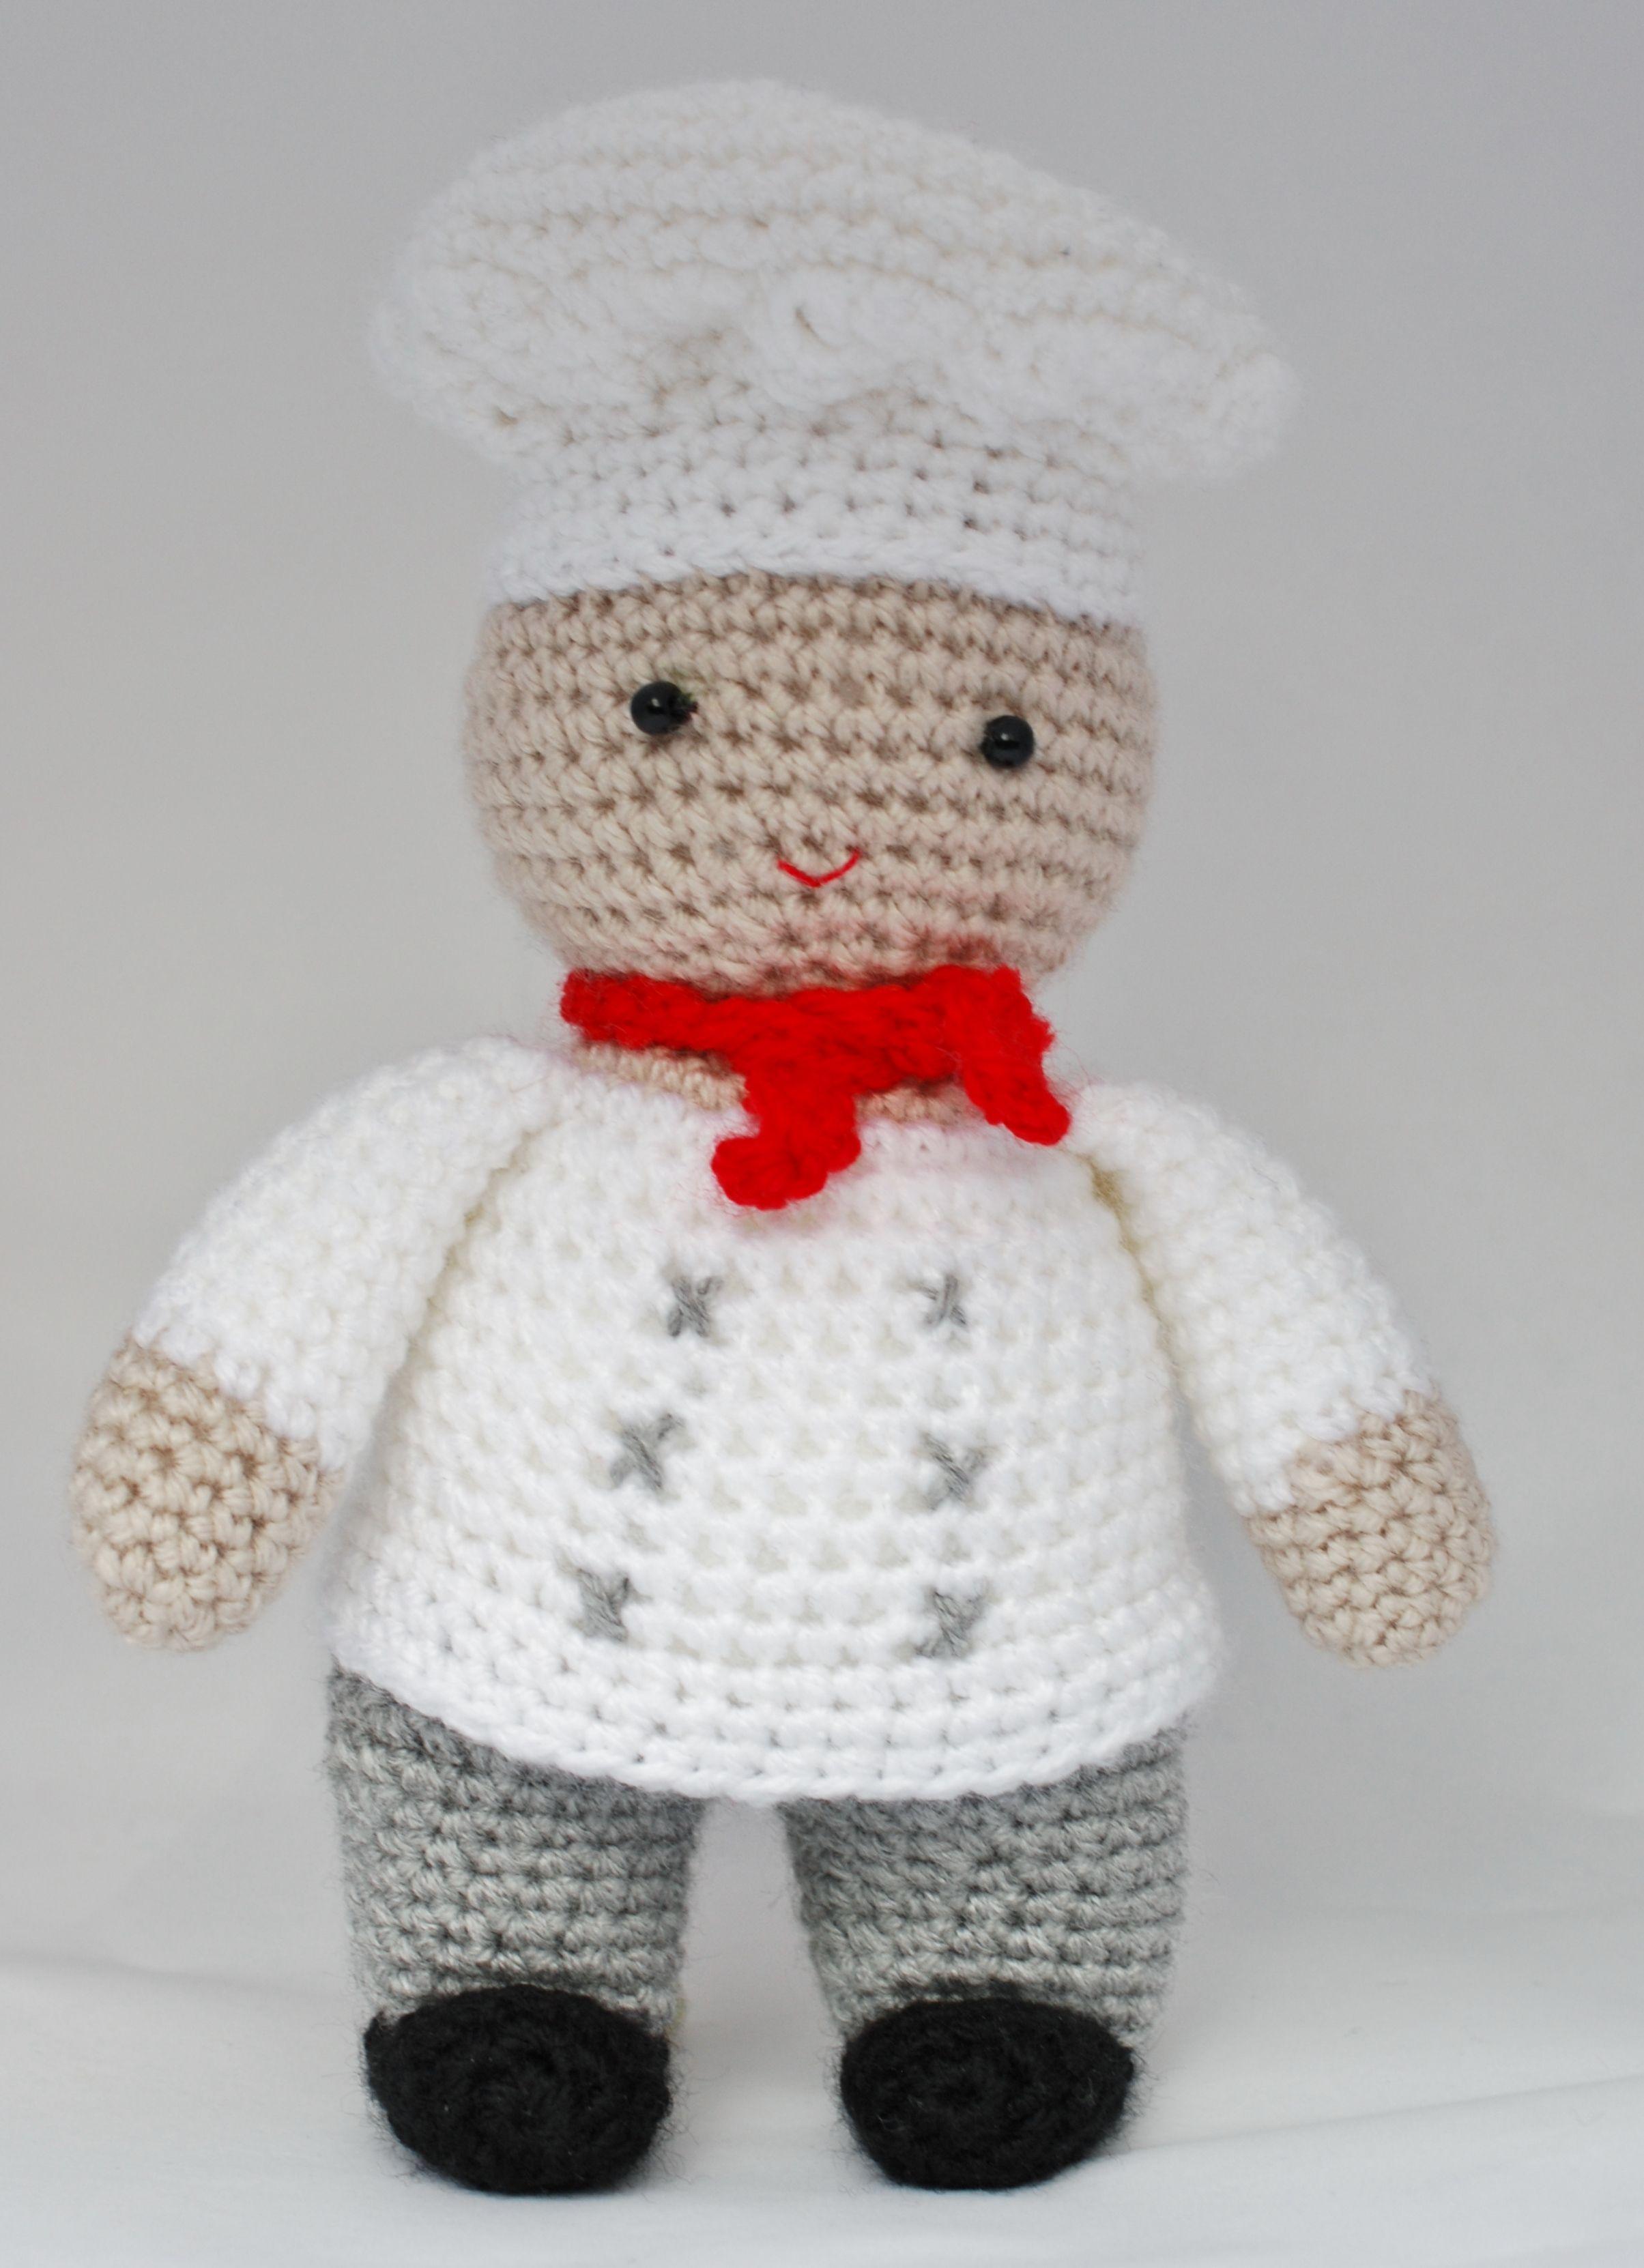 Amigurumi a Crochet Master chef, virkad mästerkock / mästerbagare ...